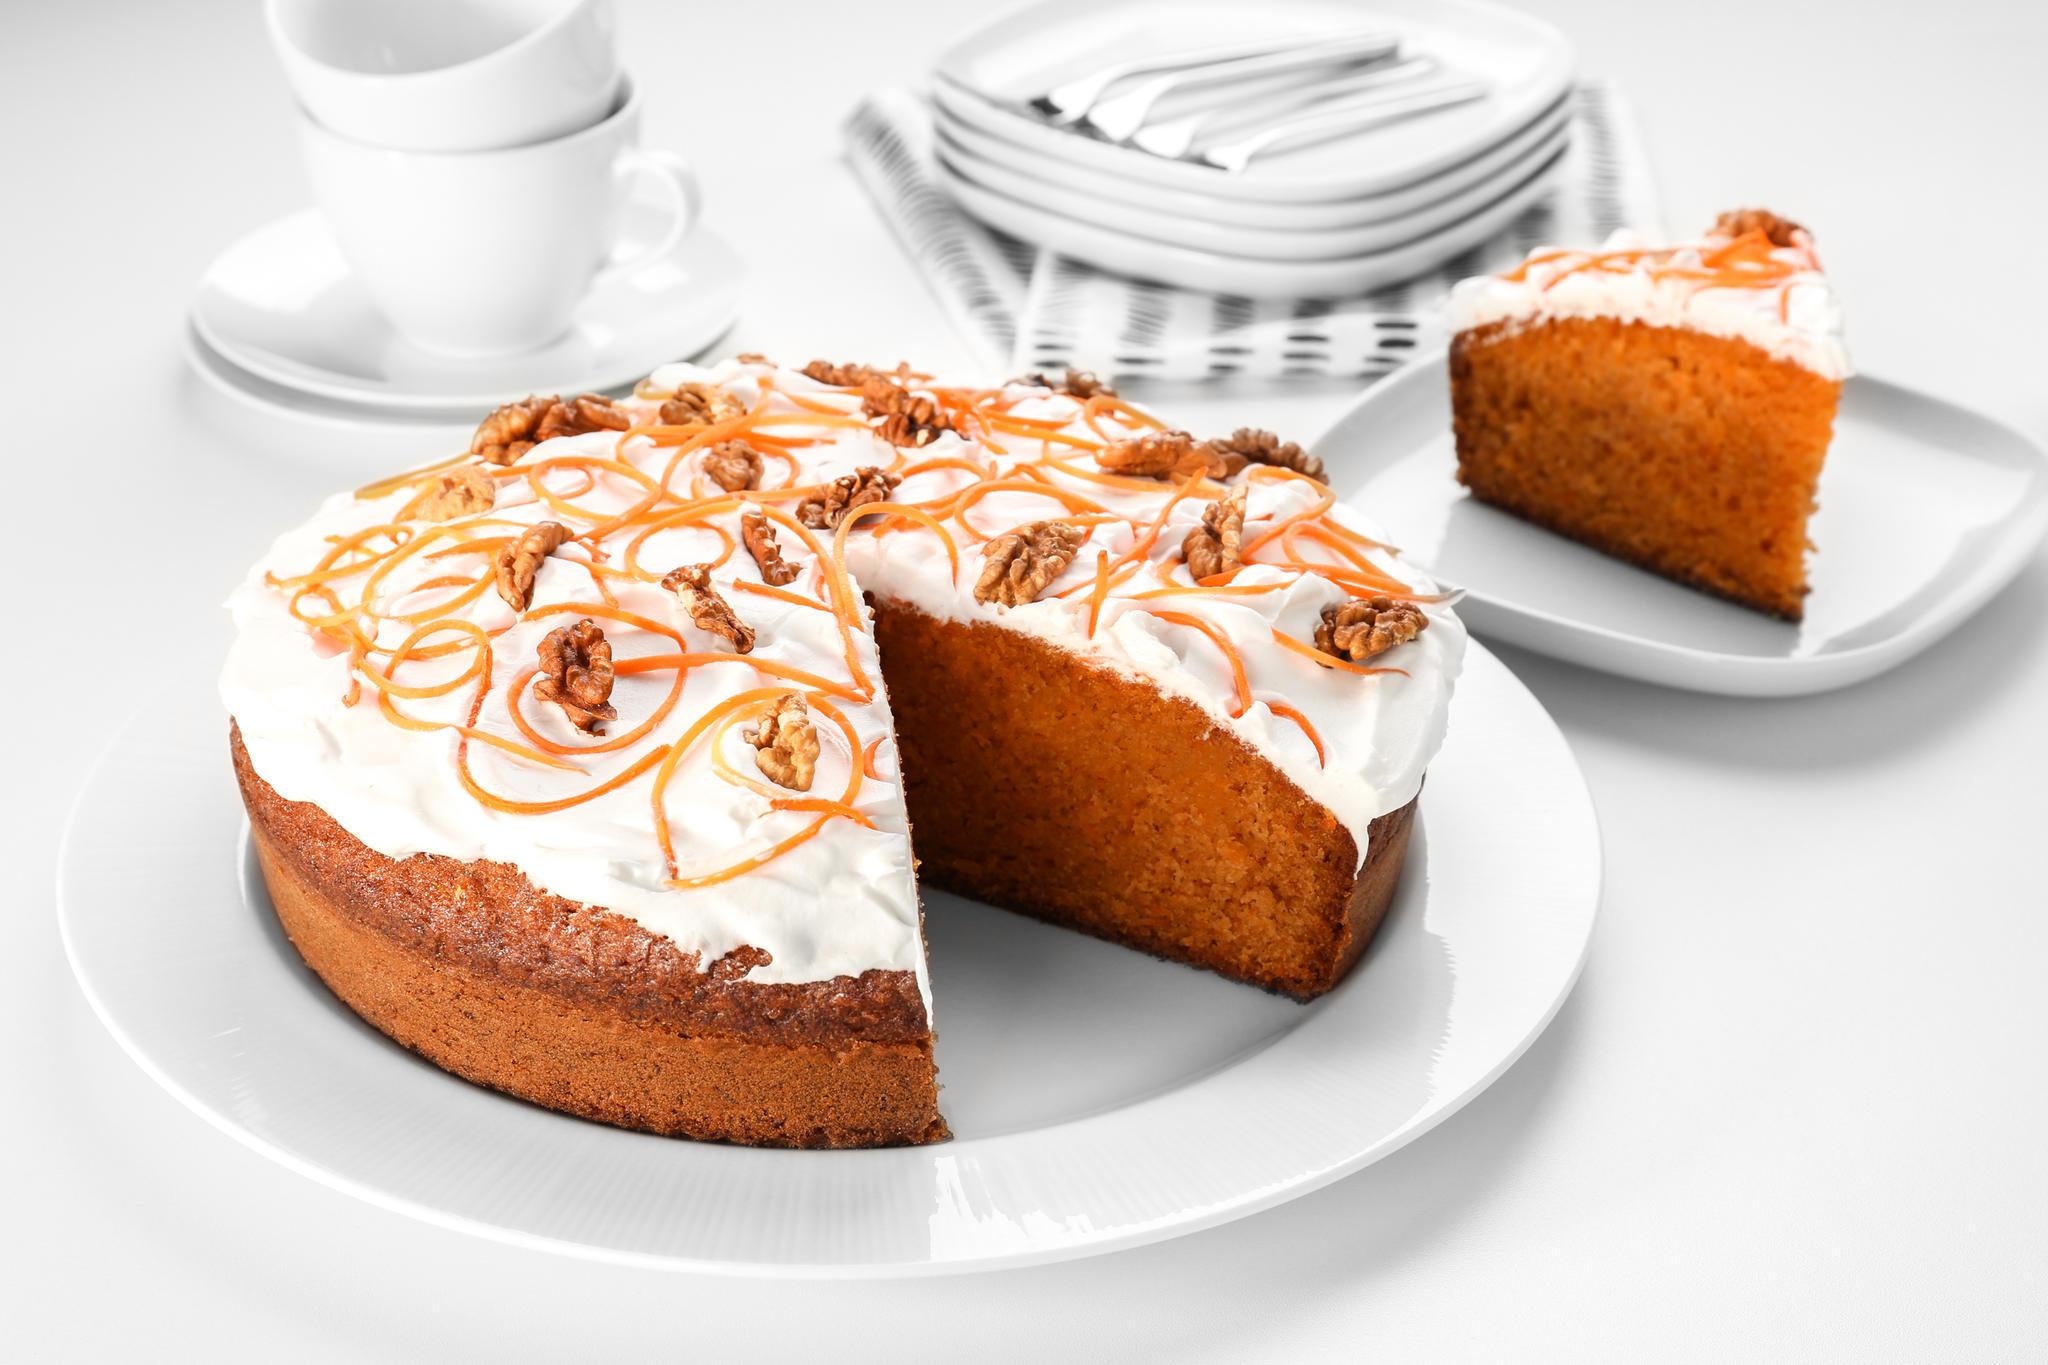 Karottenkuchen ohne Mehl schmeckt dank Nüssen uns Orangen saftig und lecker.